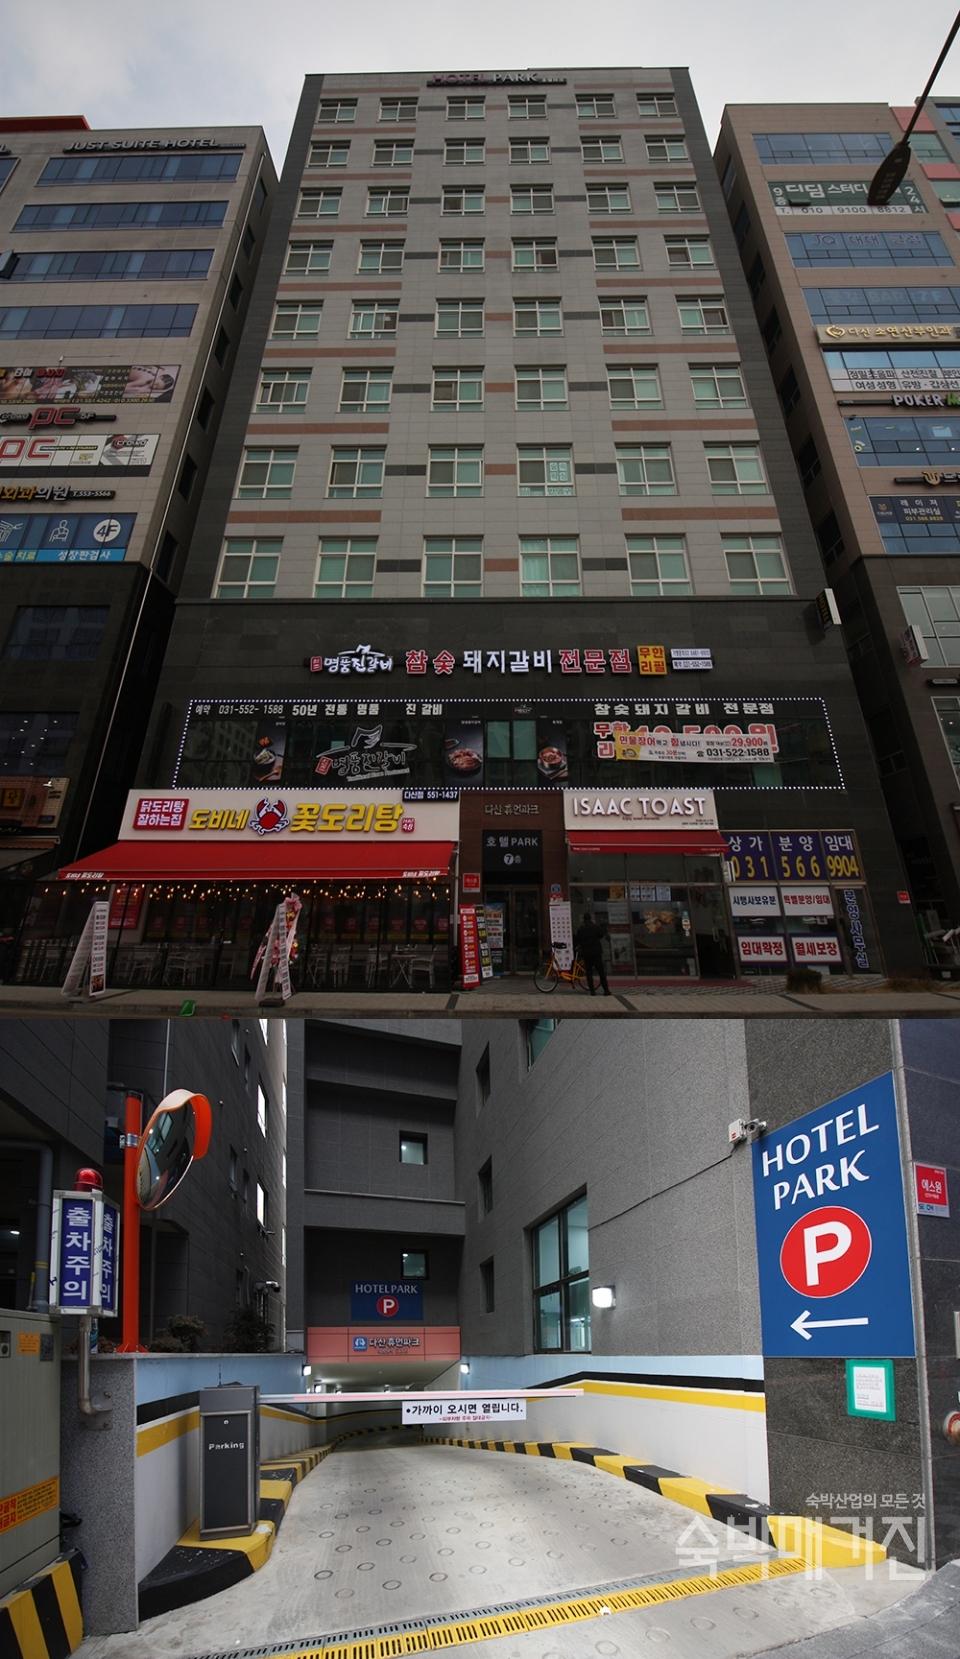 ▲ 다산 신도시에 위치한 호텔파크